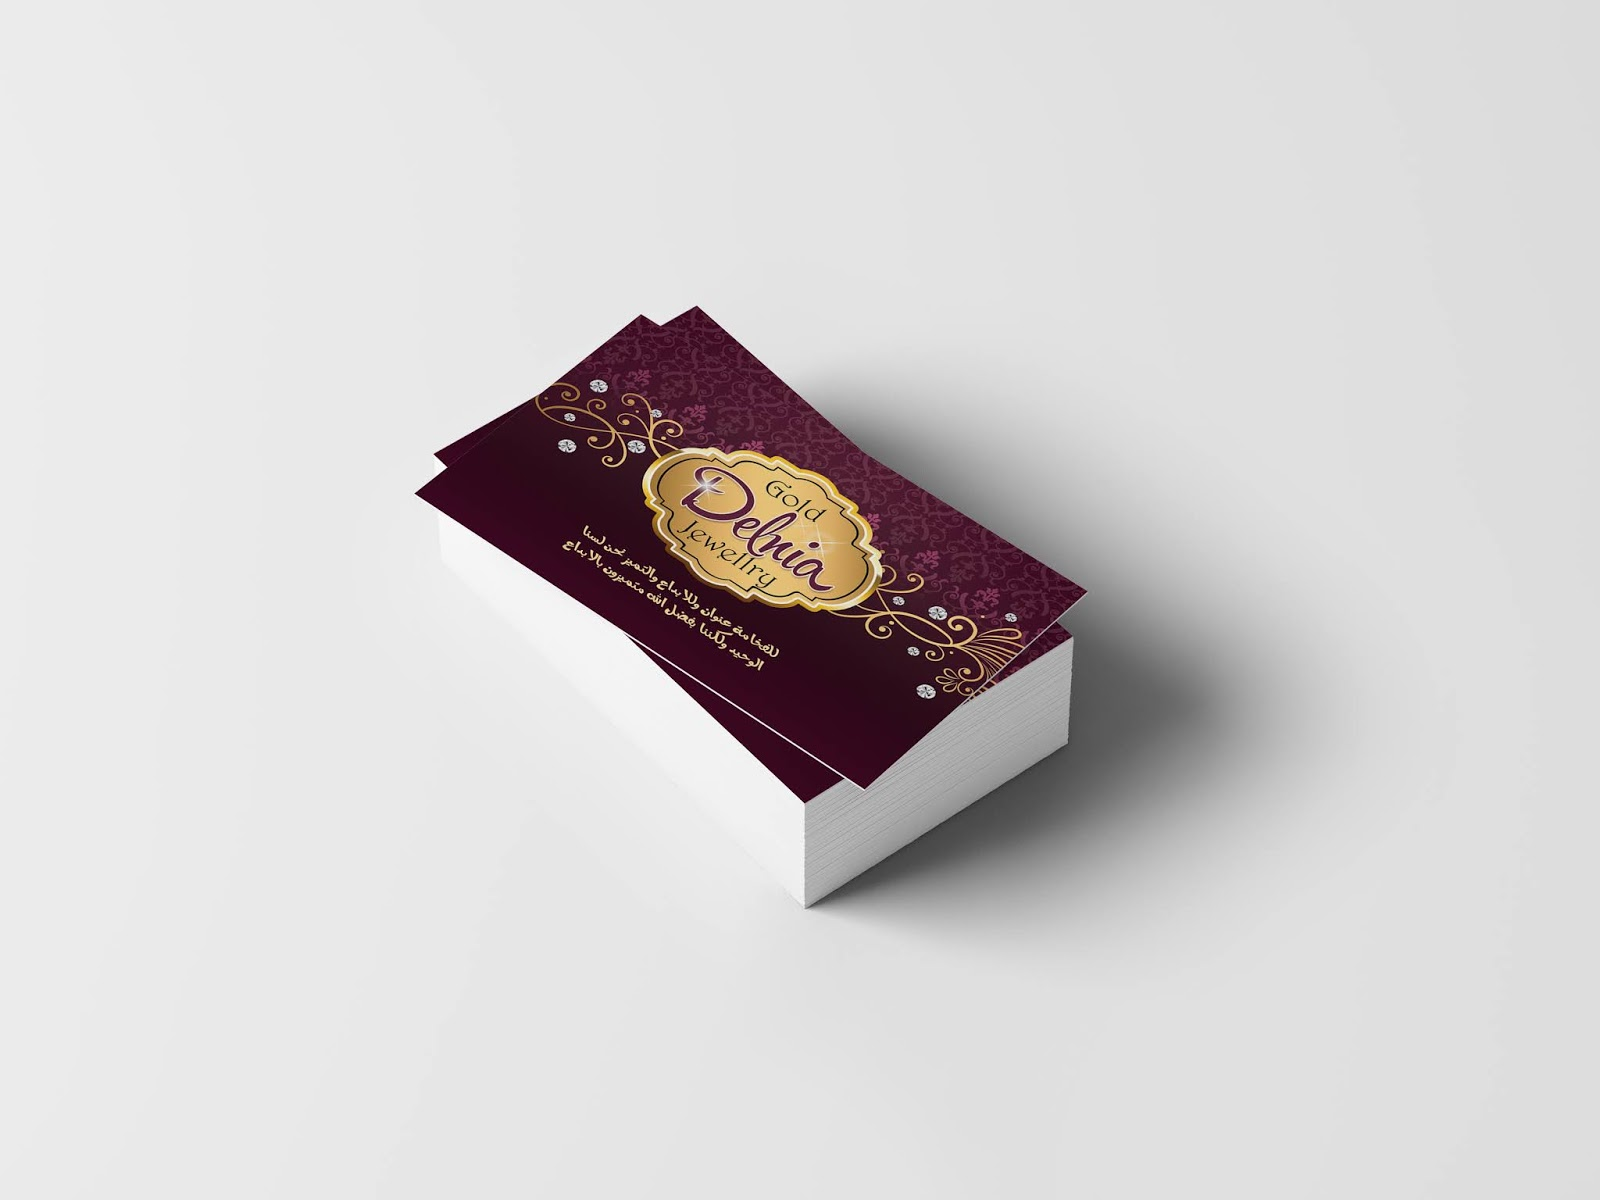 بطاقة اعمال احترافية الذهب والمجوهرات كرت شخصى مفتوح المصدر لمحلات الذهب والفضة